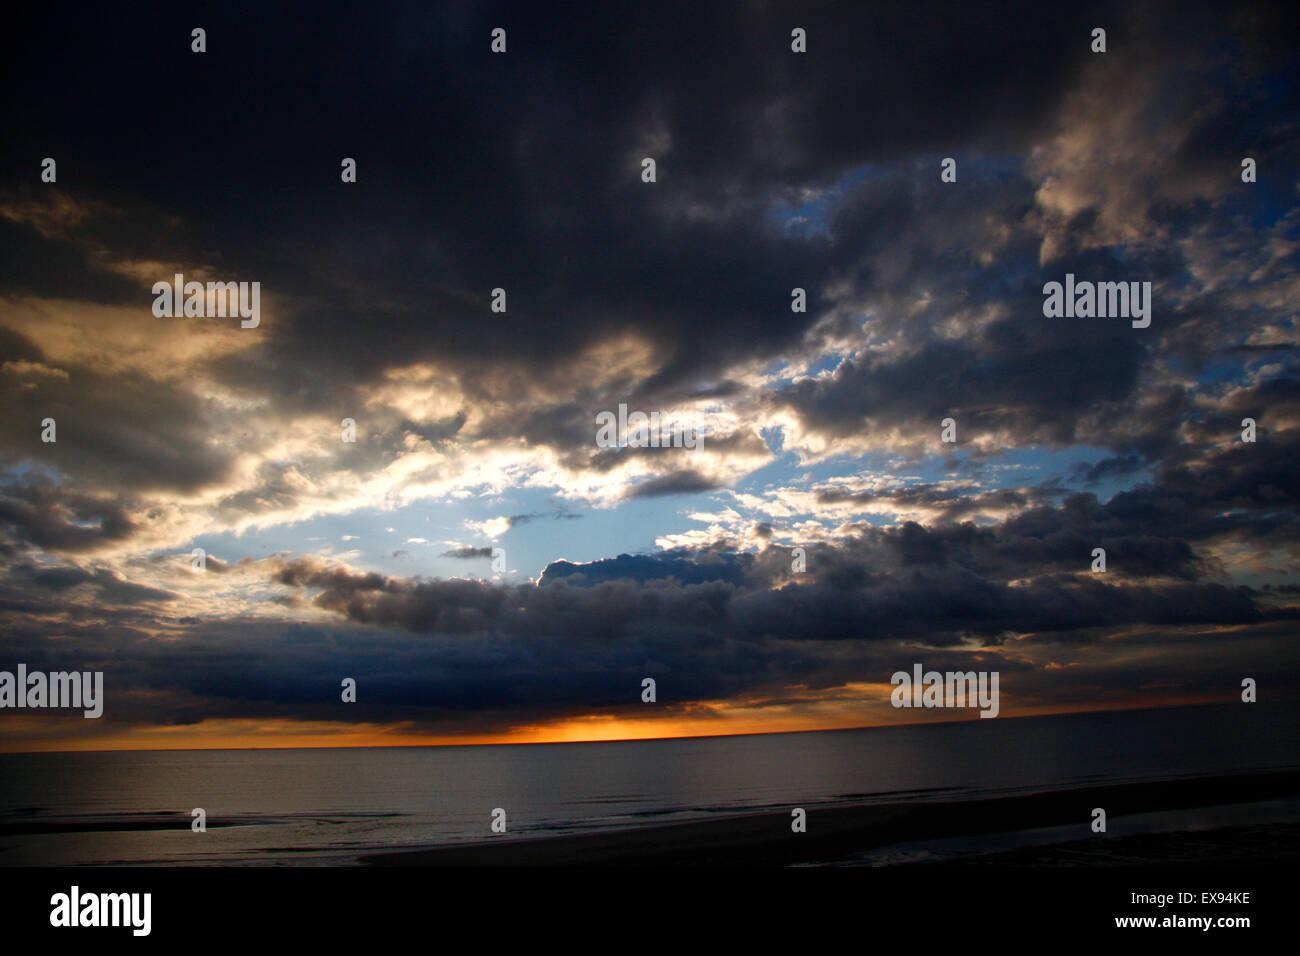 Impressionen: Himmel, Sylt. - Stock Image